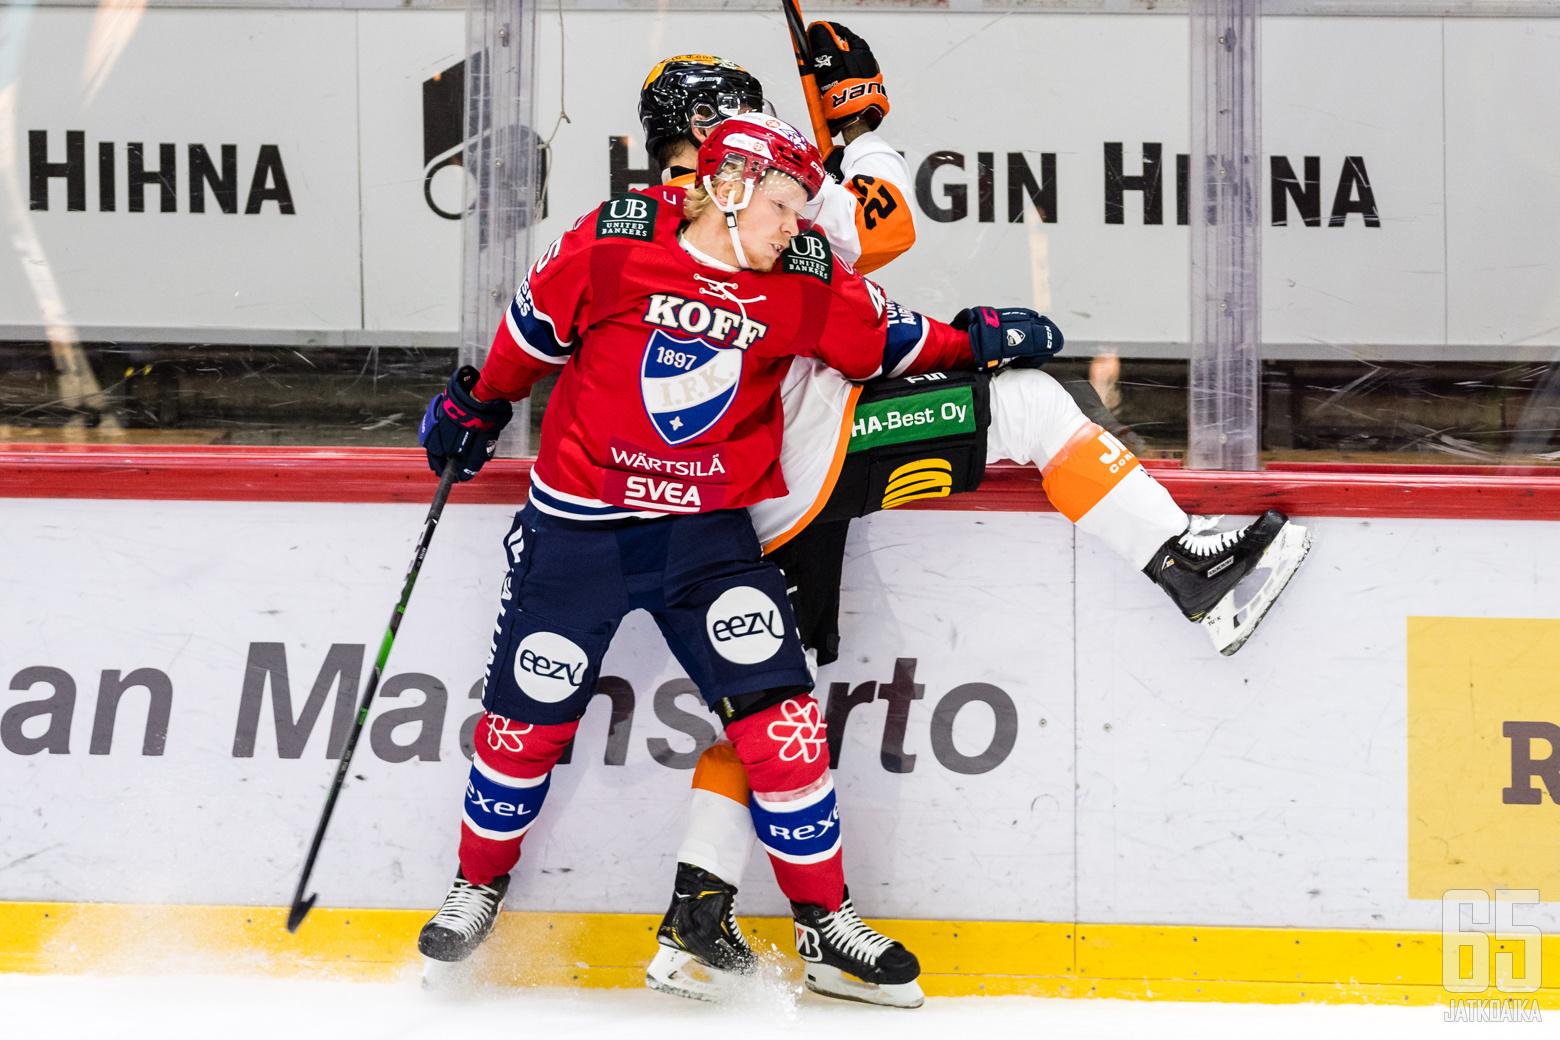 Liiga-ottelussa HIFK - KooKoo, Helsingin jäähallissa, 10. marraskuuta 2020. Kuva: Riku Laukkanen / R1ku Exposures.NIKON D5, AF-S Nikkor 300mm f/2.8G IF-ED VR II @ 300mmf/4/1/1000s/ISO 3200